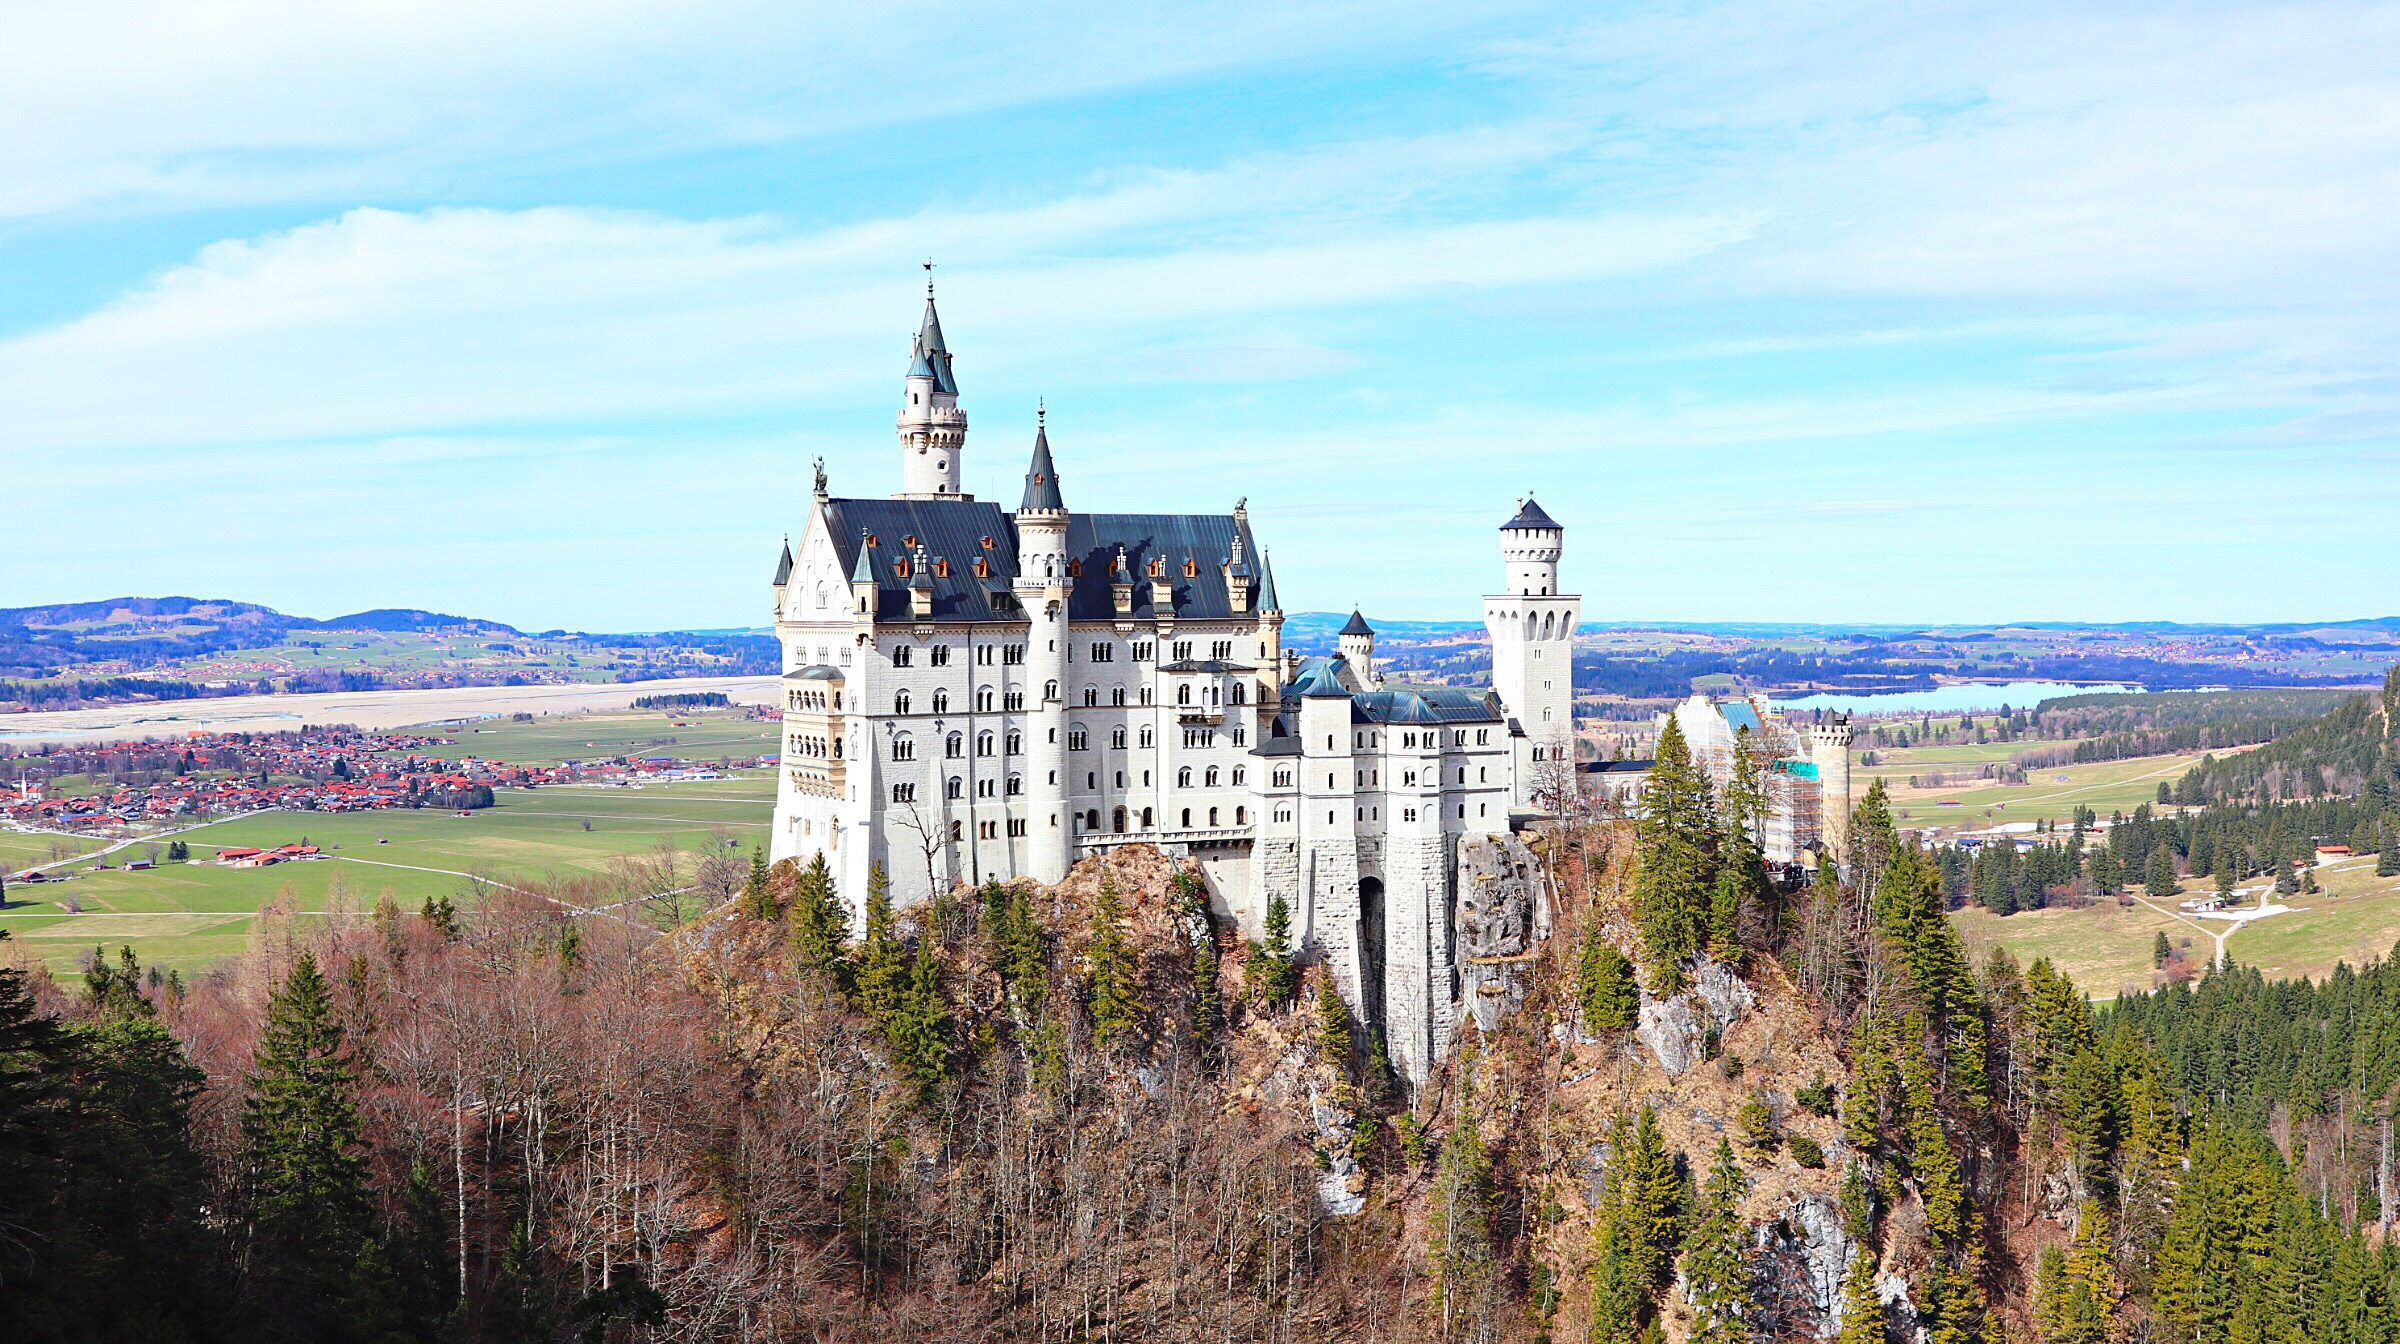 【ノイシュバンシュタイン城】ドイツのリアルシンデレラ城!行き方からご紹介!【観光】